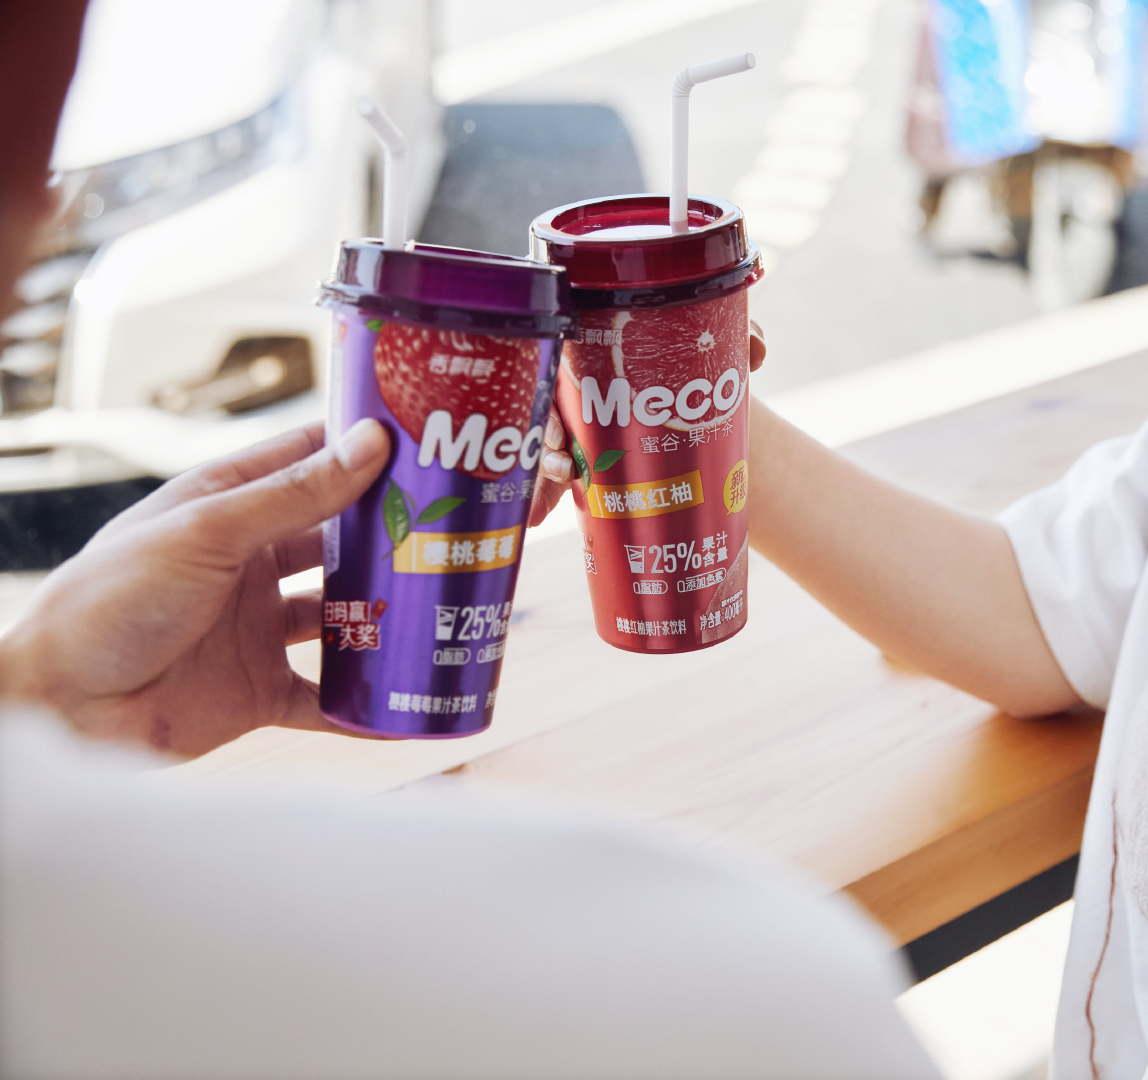 你的夏天是什么味道的? 我的是能喝出现调水果茶味的……